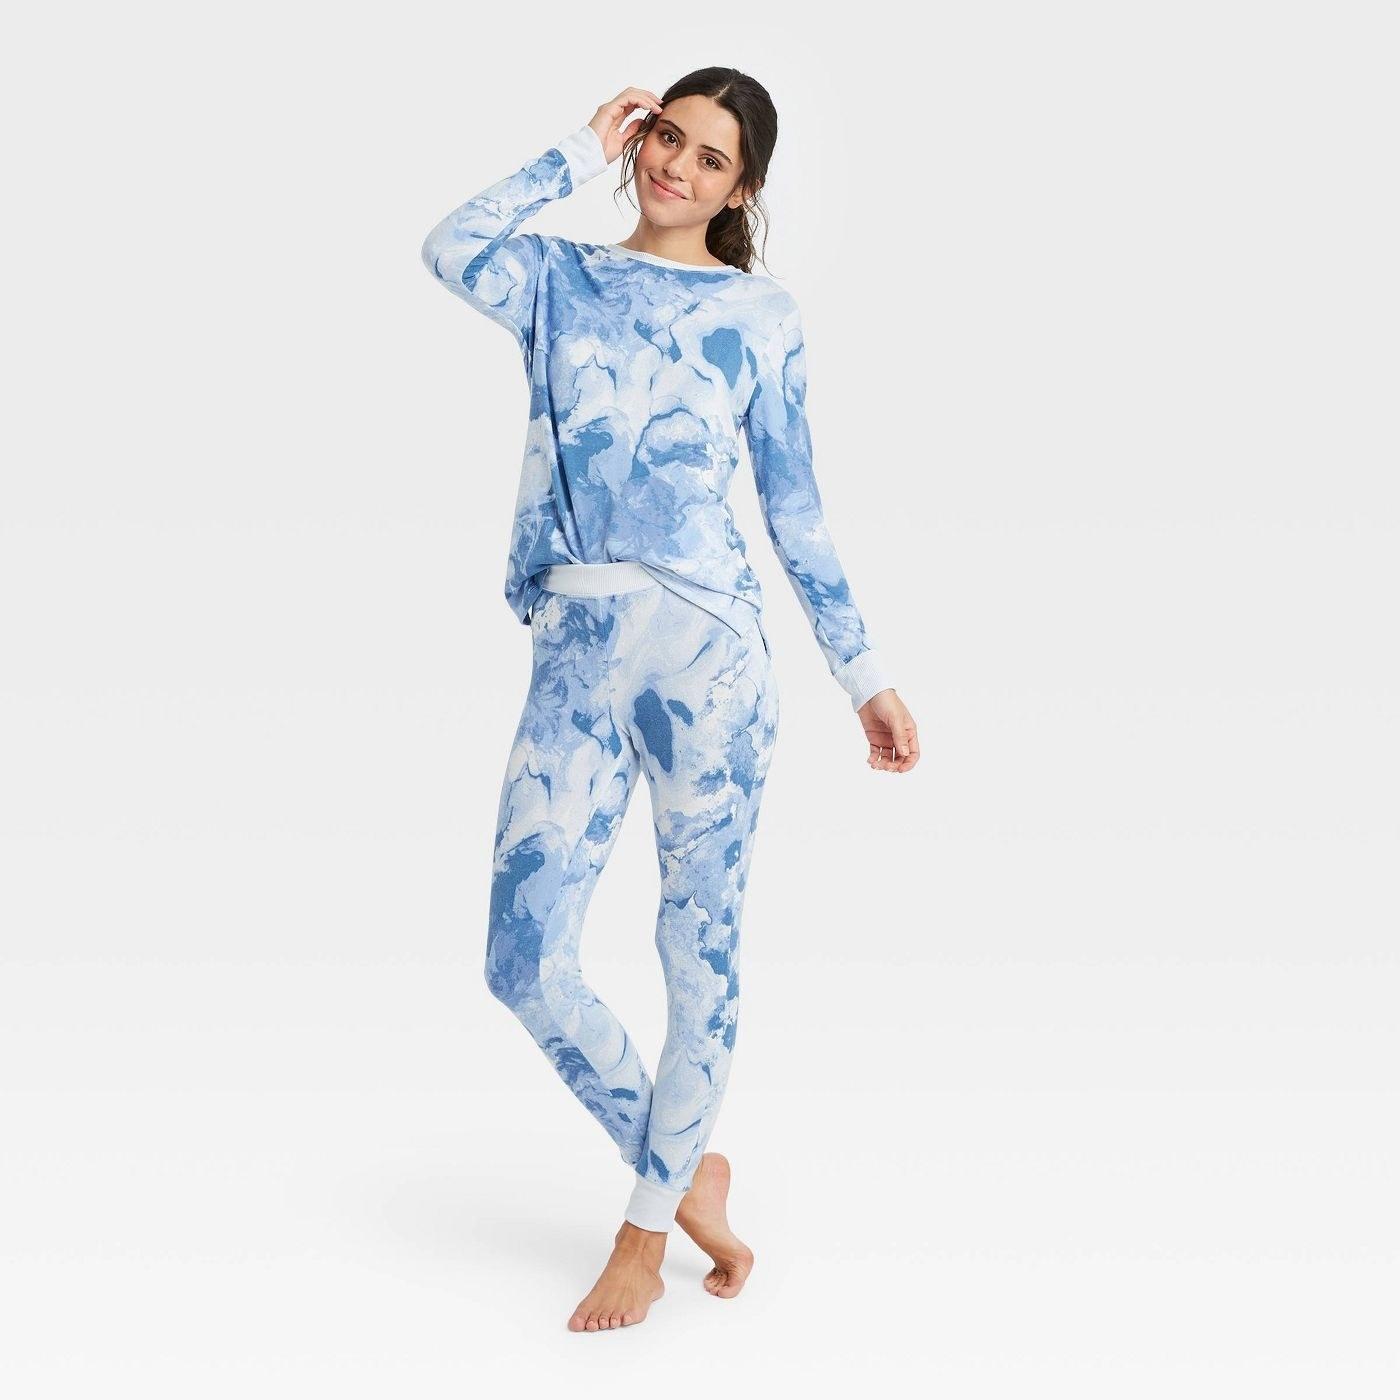 model in tie dye pajama set